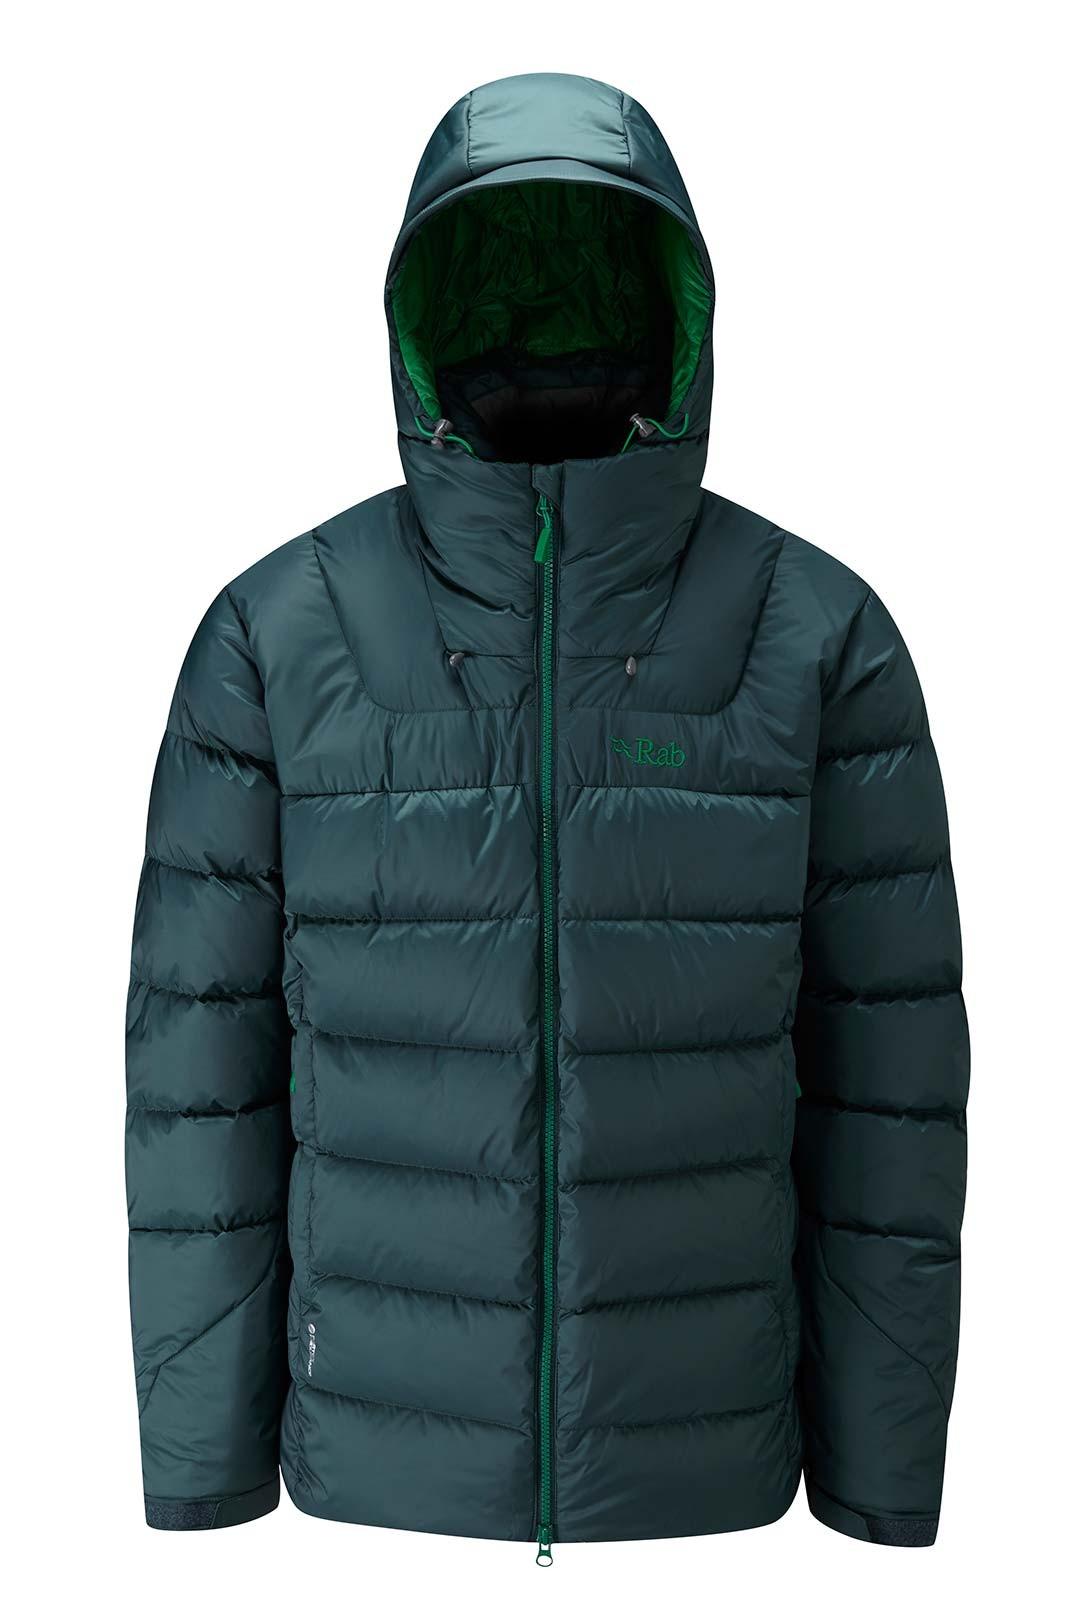 Rab Axion Jacket Evergreen pánská odolná péřová bunda - PandaOutdoor.cz 2eef485801